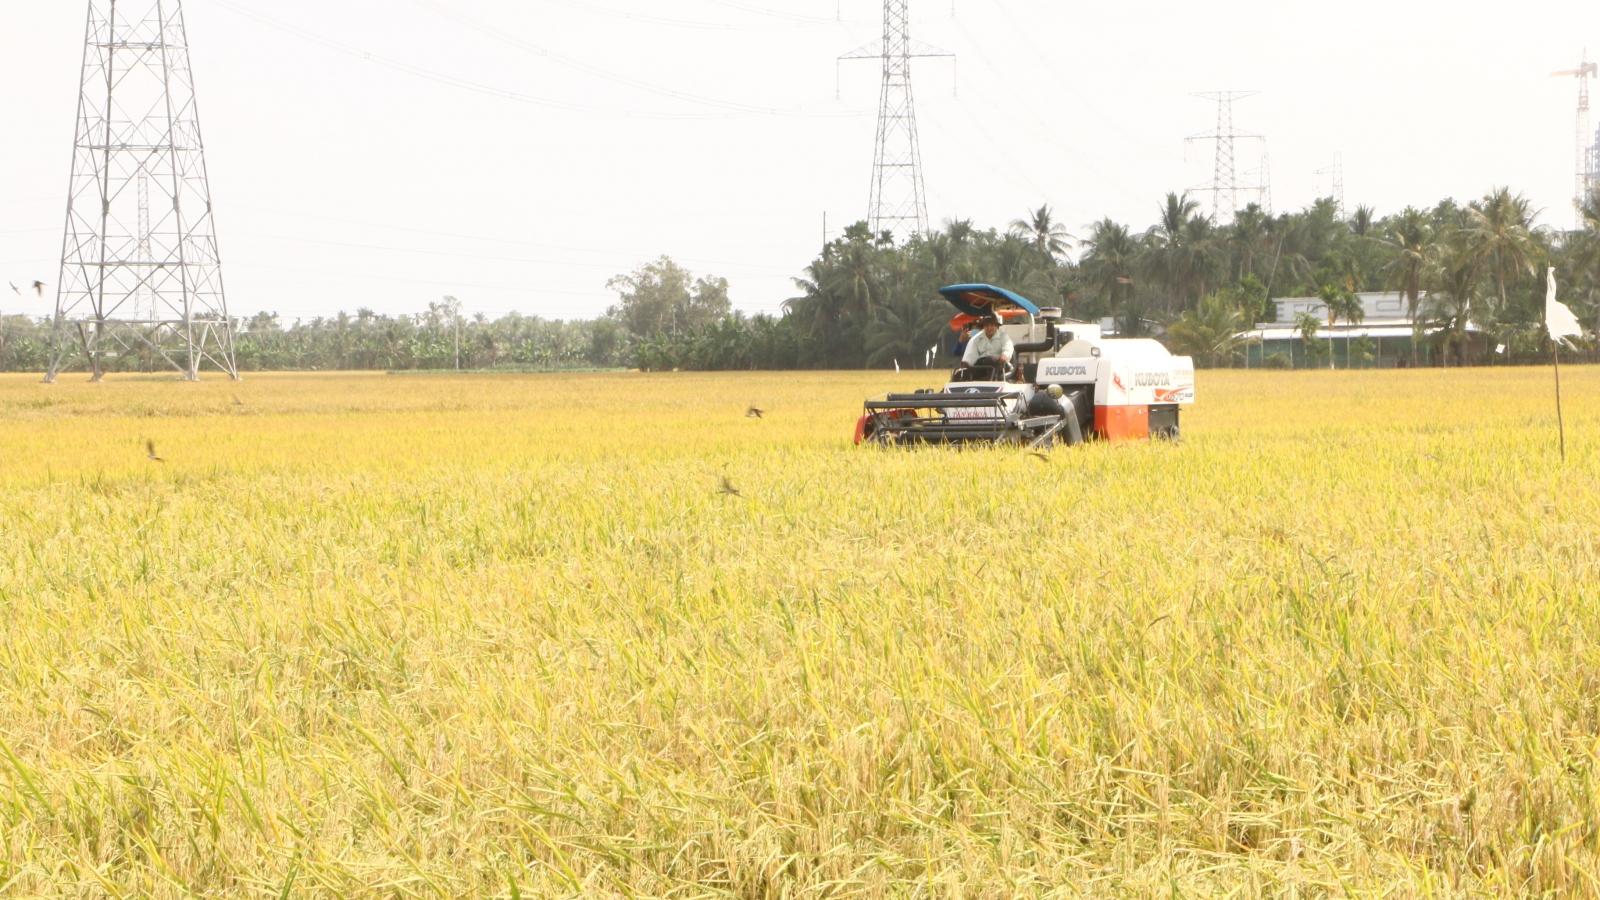 Khuyến cáo người dân không làm lúa vụ 3 để tránh thiệt hại do hạn mặn